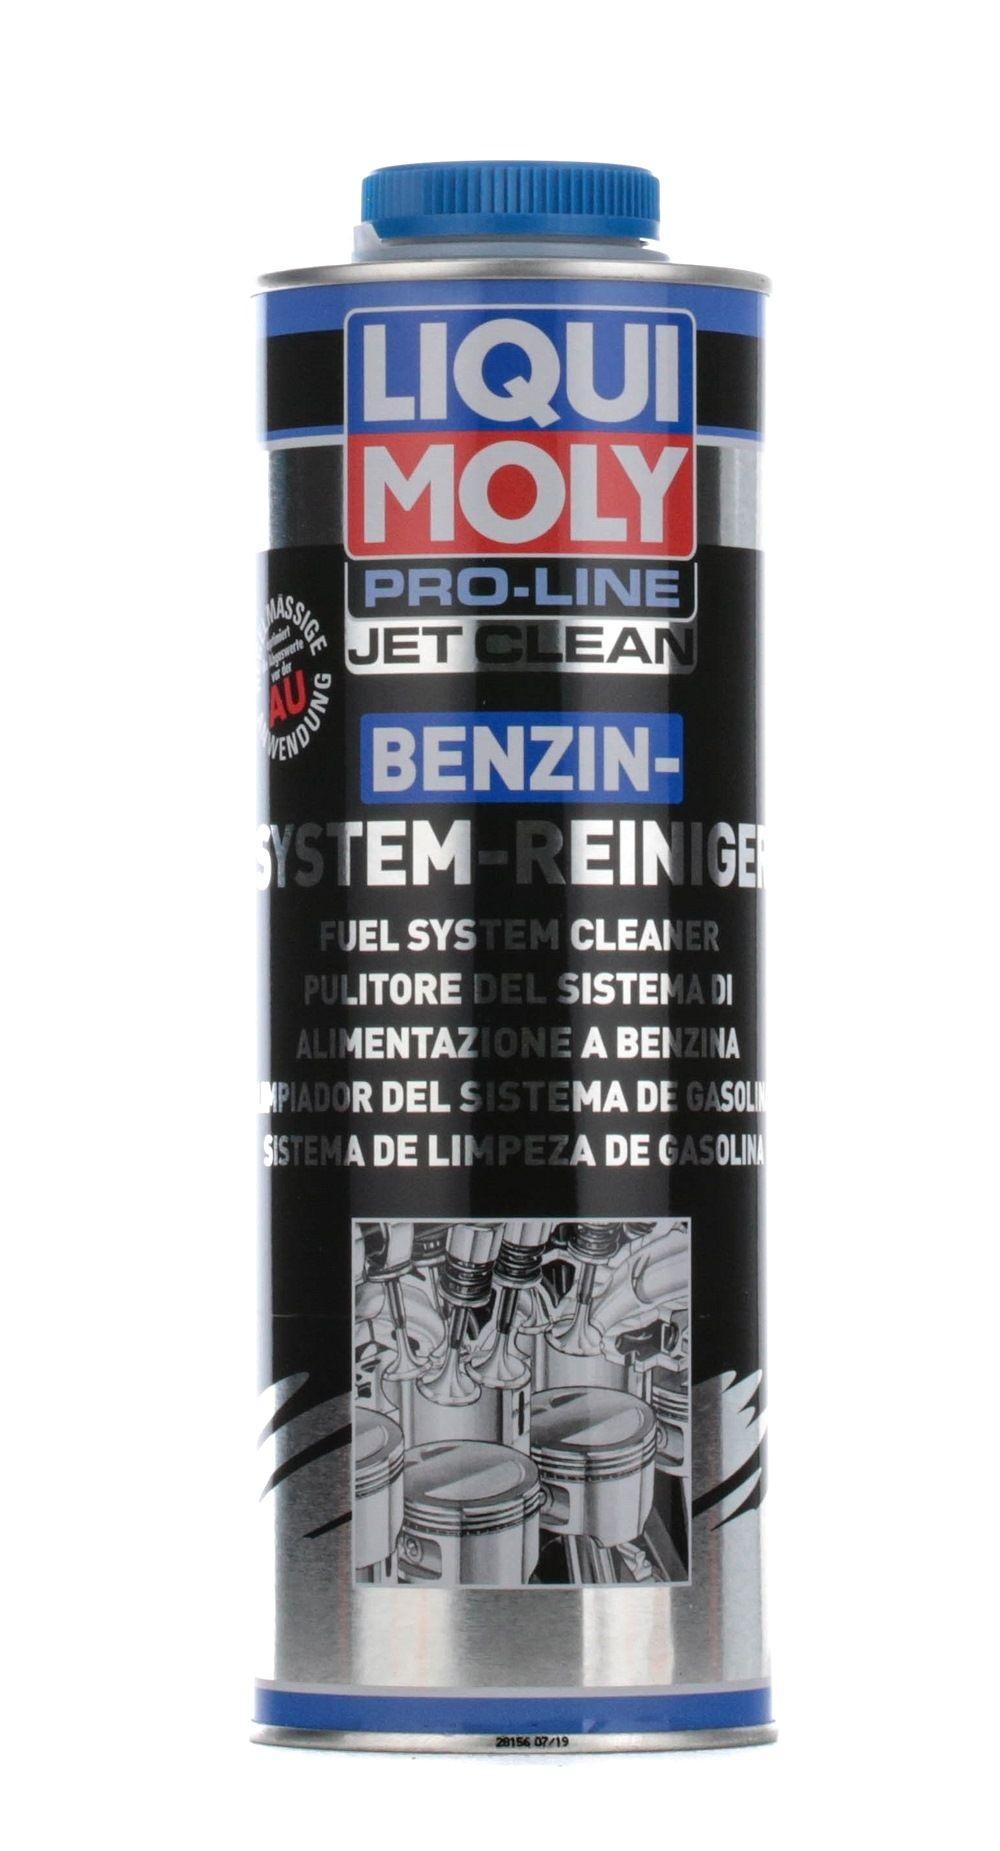 LIQUI MOLY Rens, benzinindsprøjtningssystem Dåse, Benzin, Inhalt: 1l 5147 - køb billigt